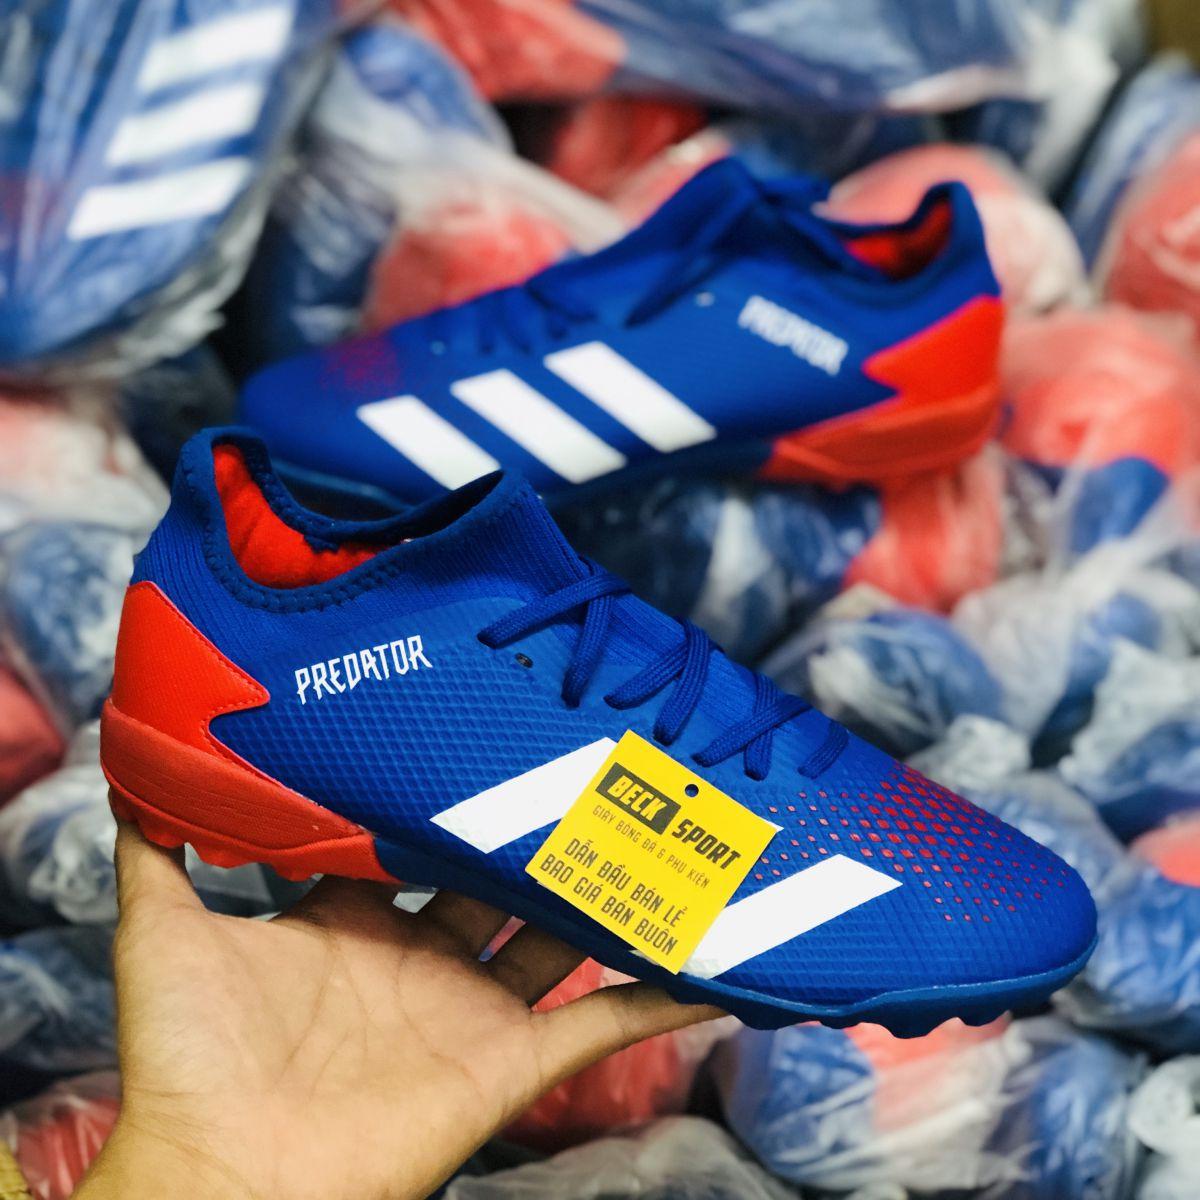 Giày Bóng Đá Adidas Predator 20.3 Tormentor Xanh Biển Vạch Trắng Mũi Đỏ Cổ Lửng TF